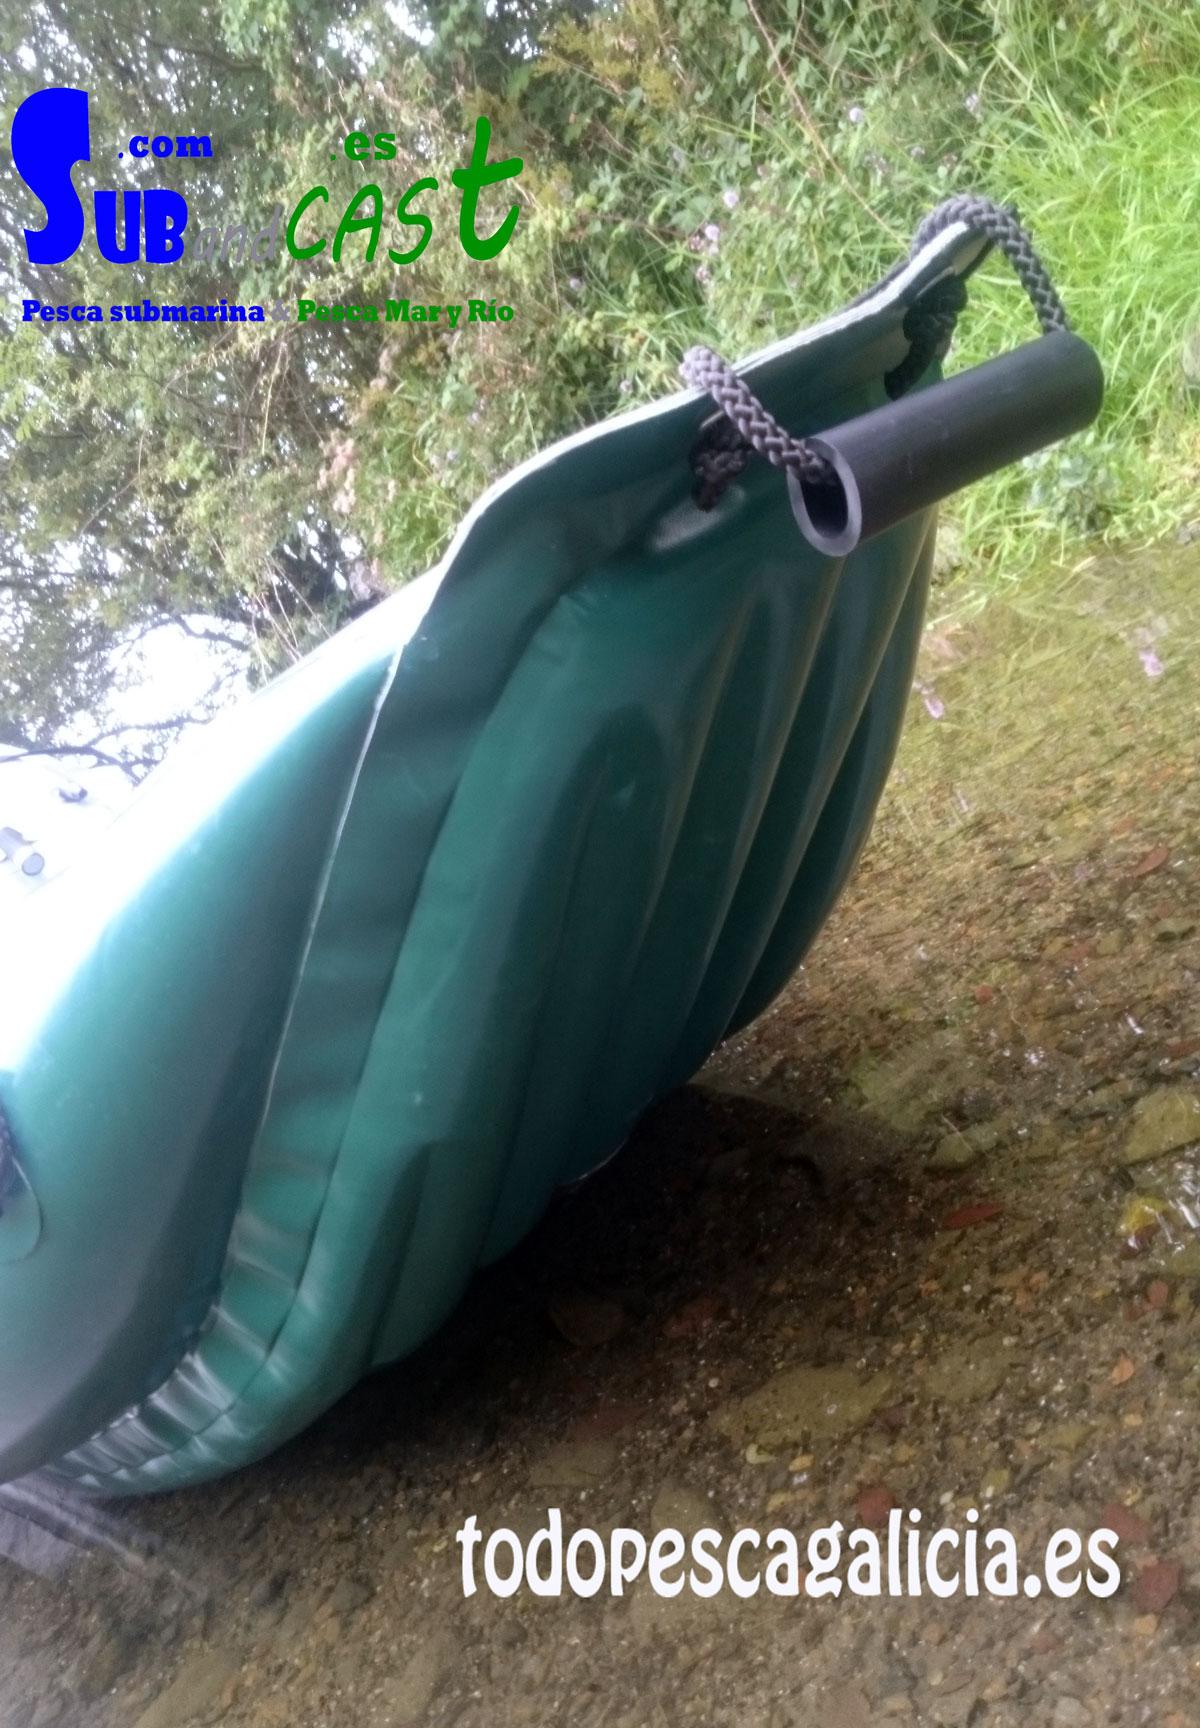 Detalle de la parte de detrás del kayak